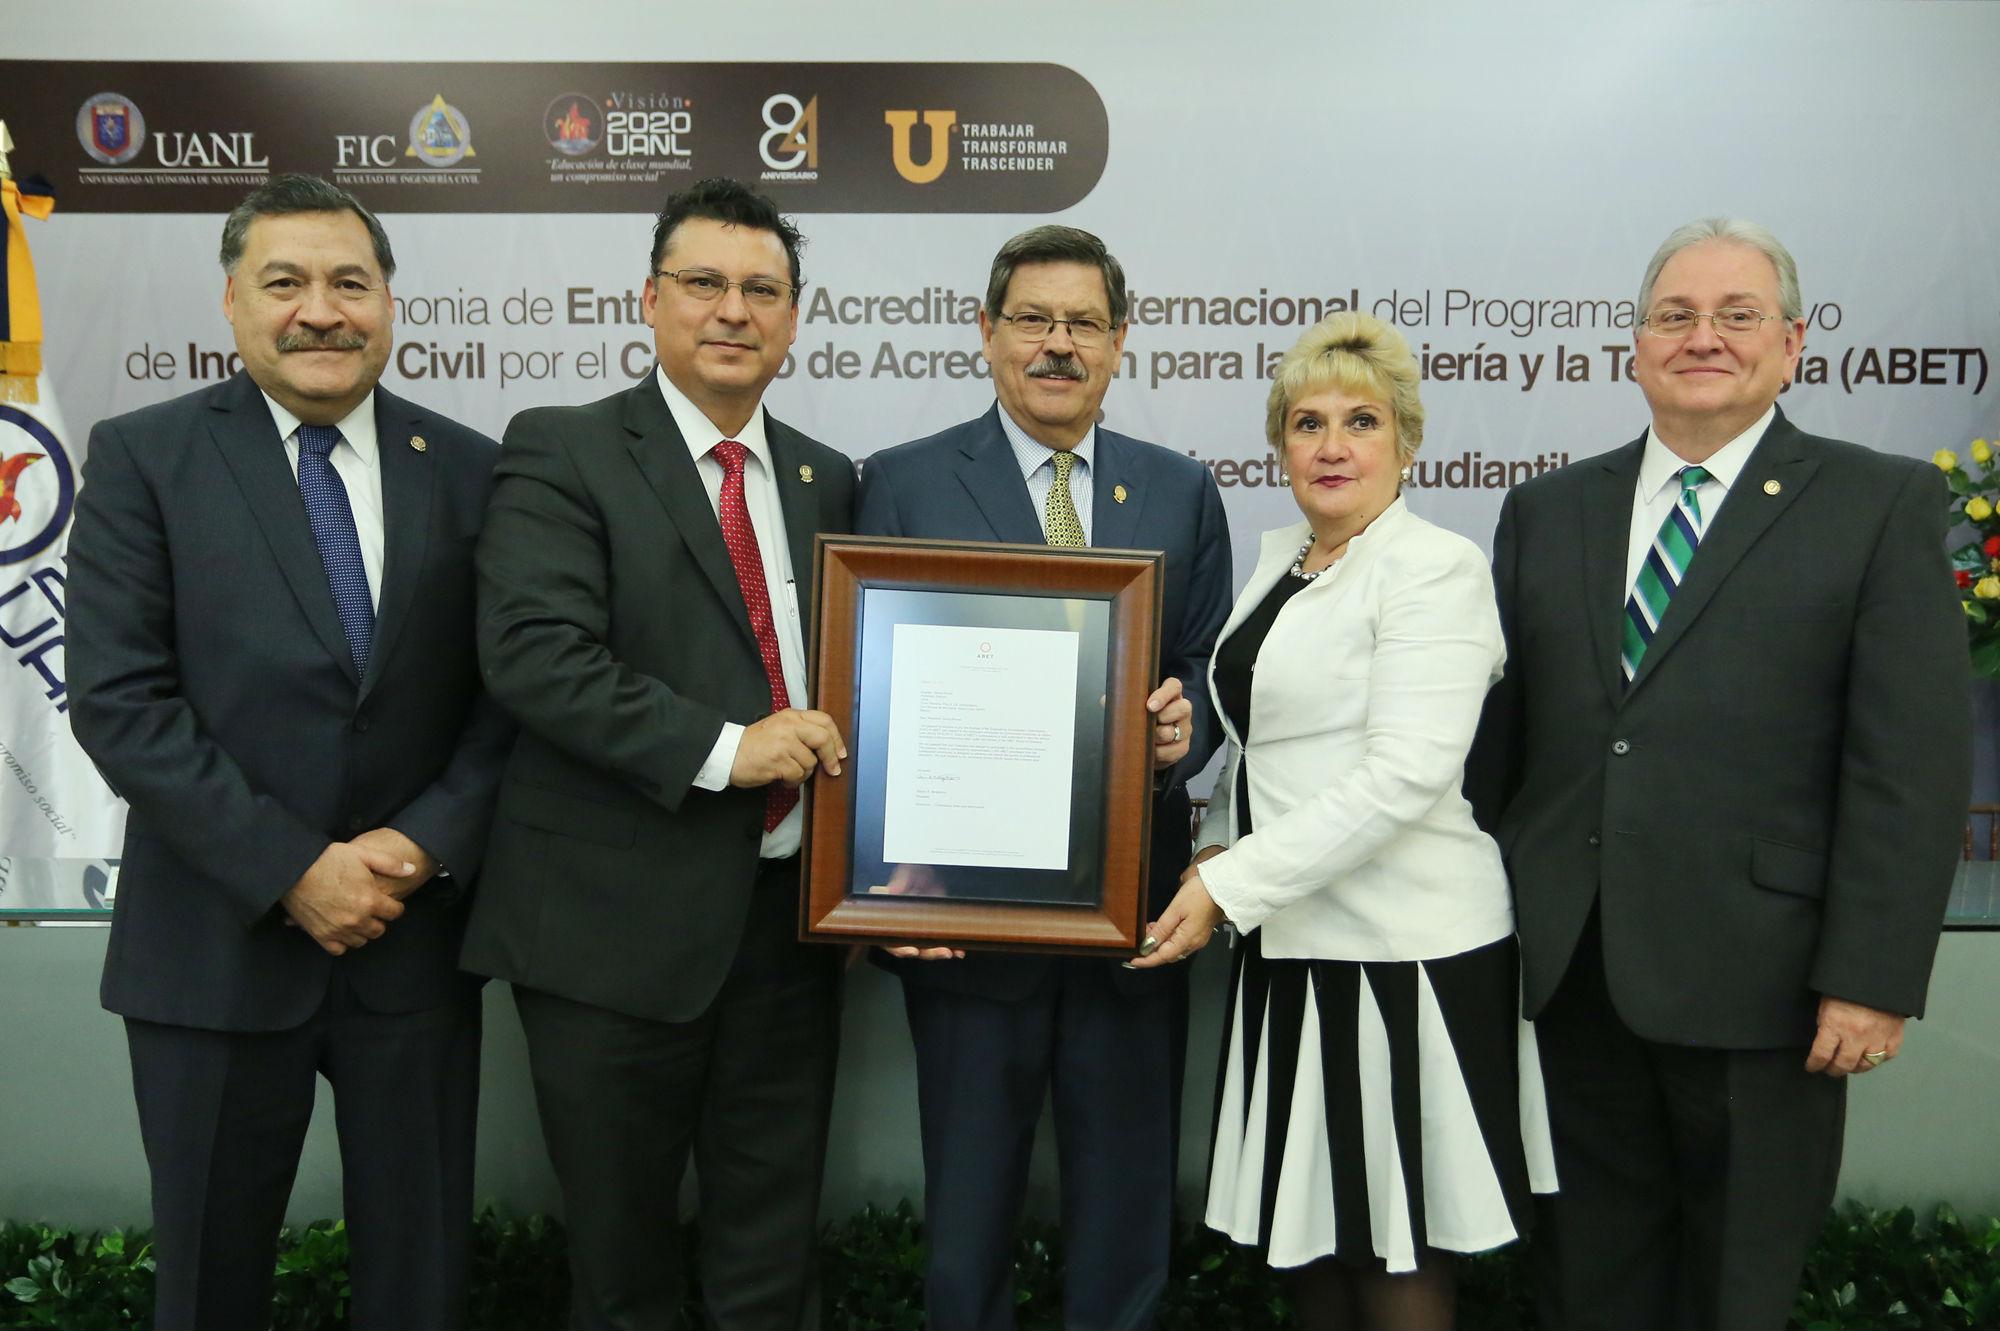 La acreditación reconoce la calidad y pertinencia del programa educativo en Ingeniería Civil